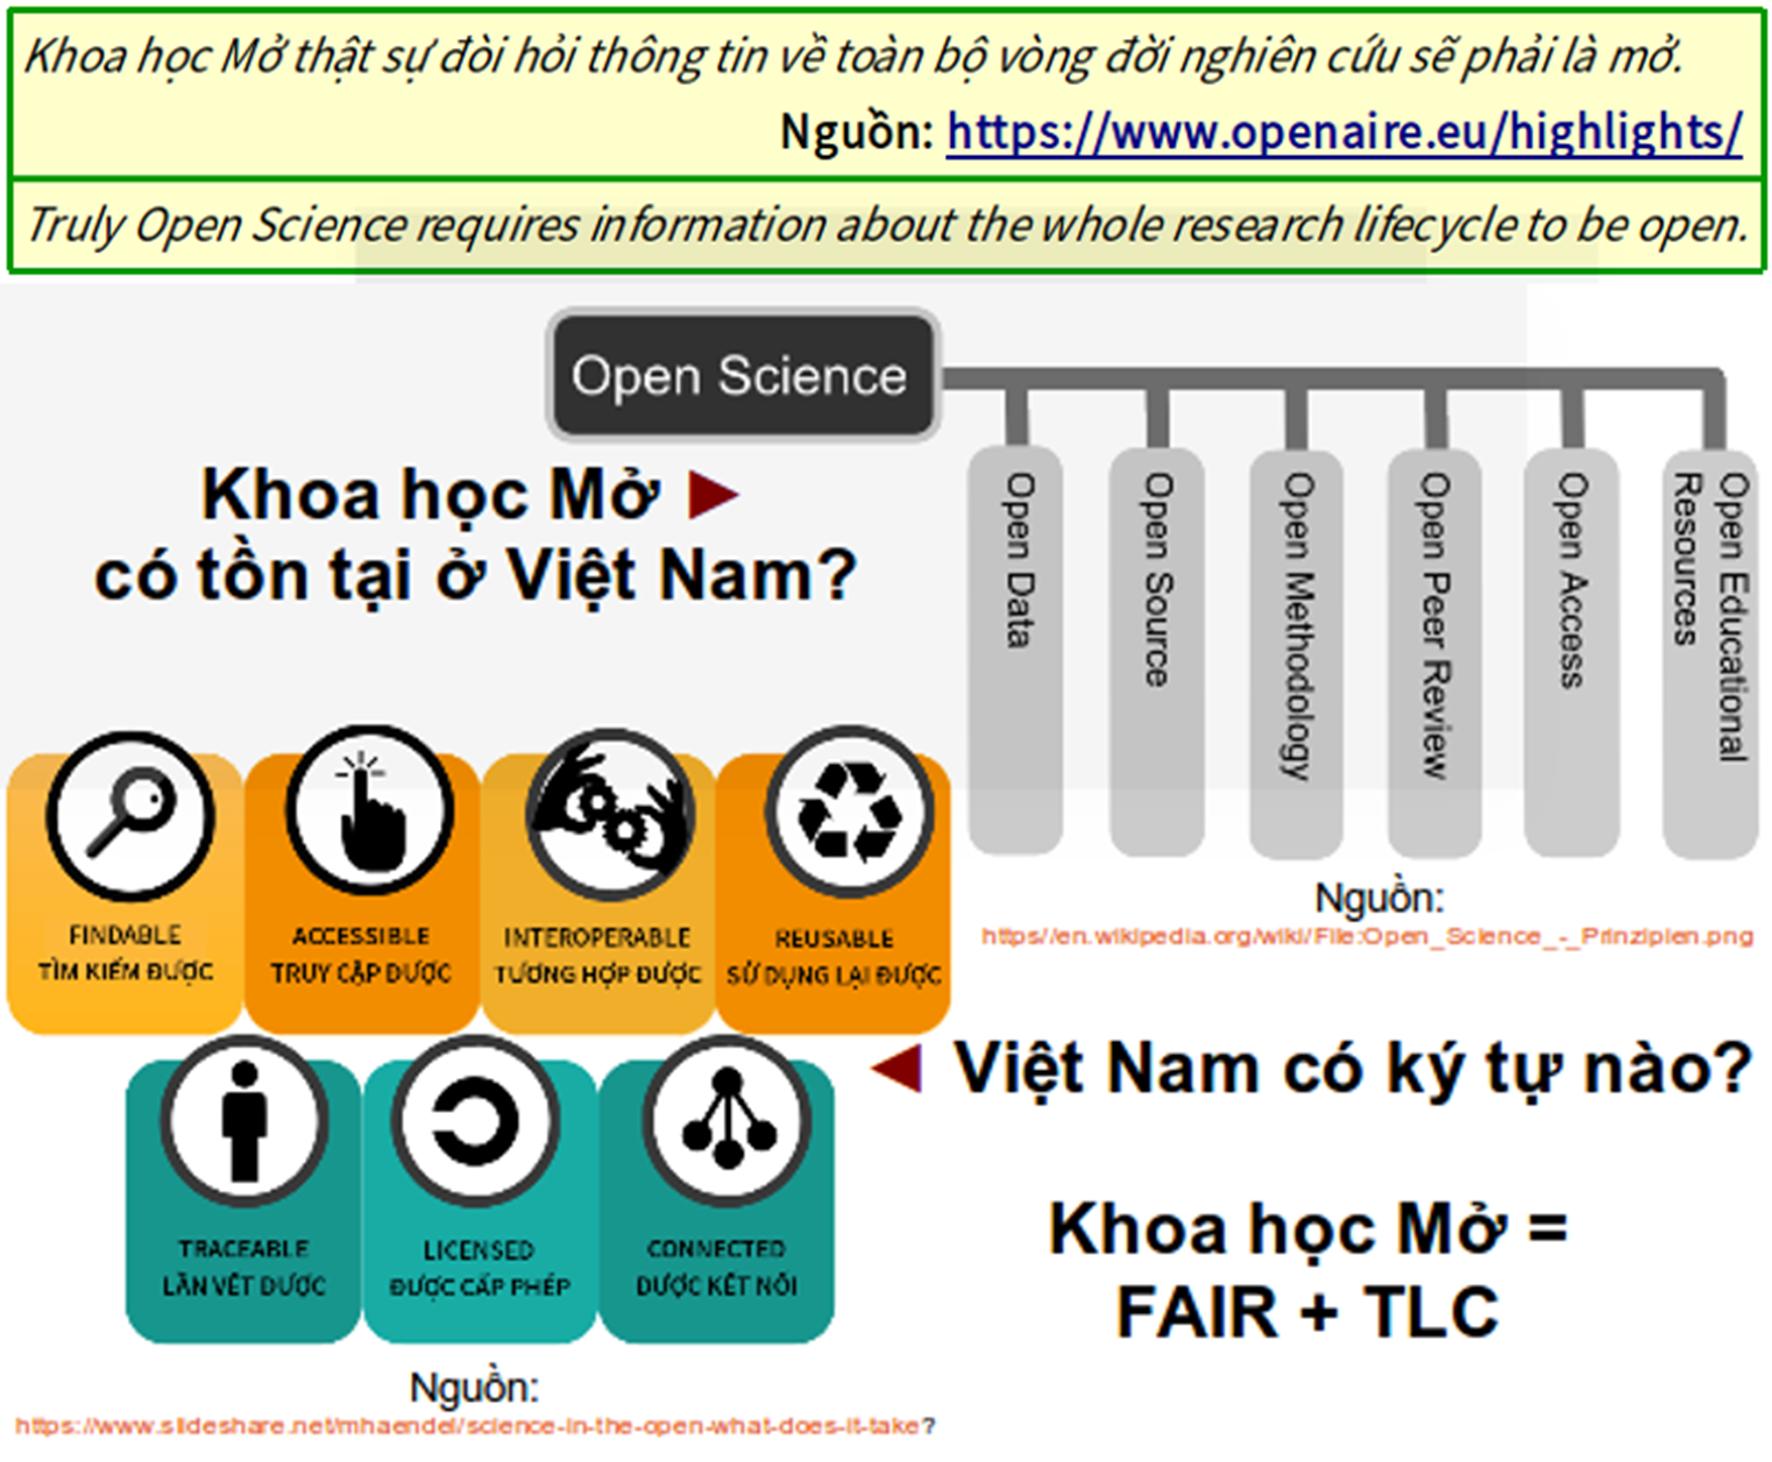 Khoa học mở - các thành phần và đặc tính. Trong đó, truy cập mở, dữ liệu mở, tài nguyên giáo dục mở là các thành phần không thể thiếu của nó.